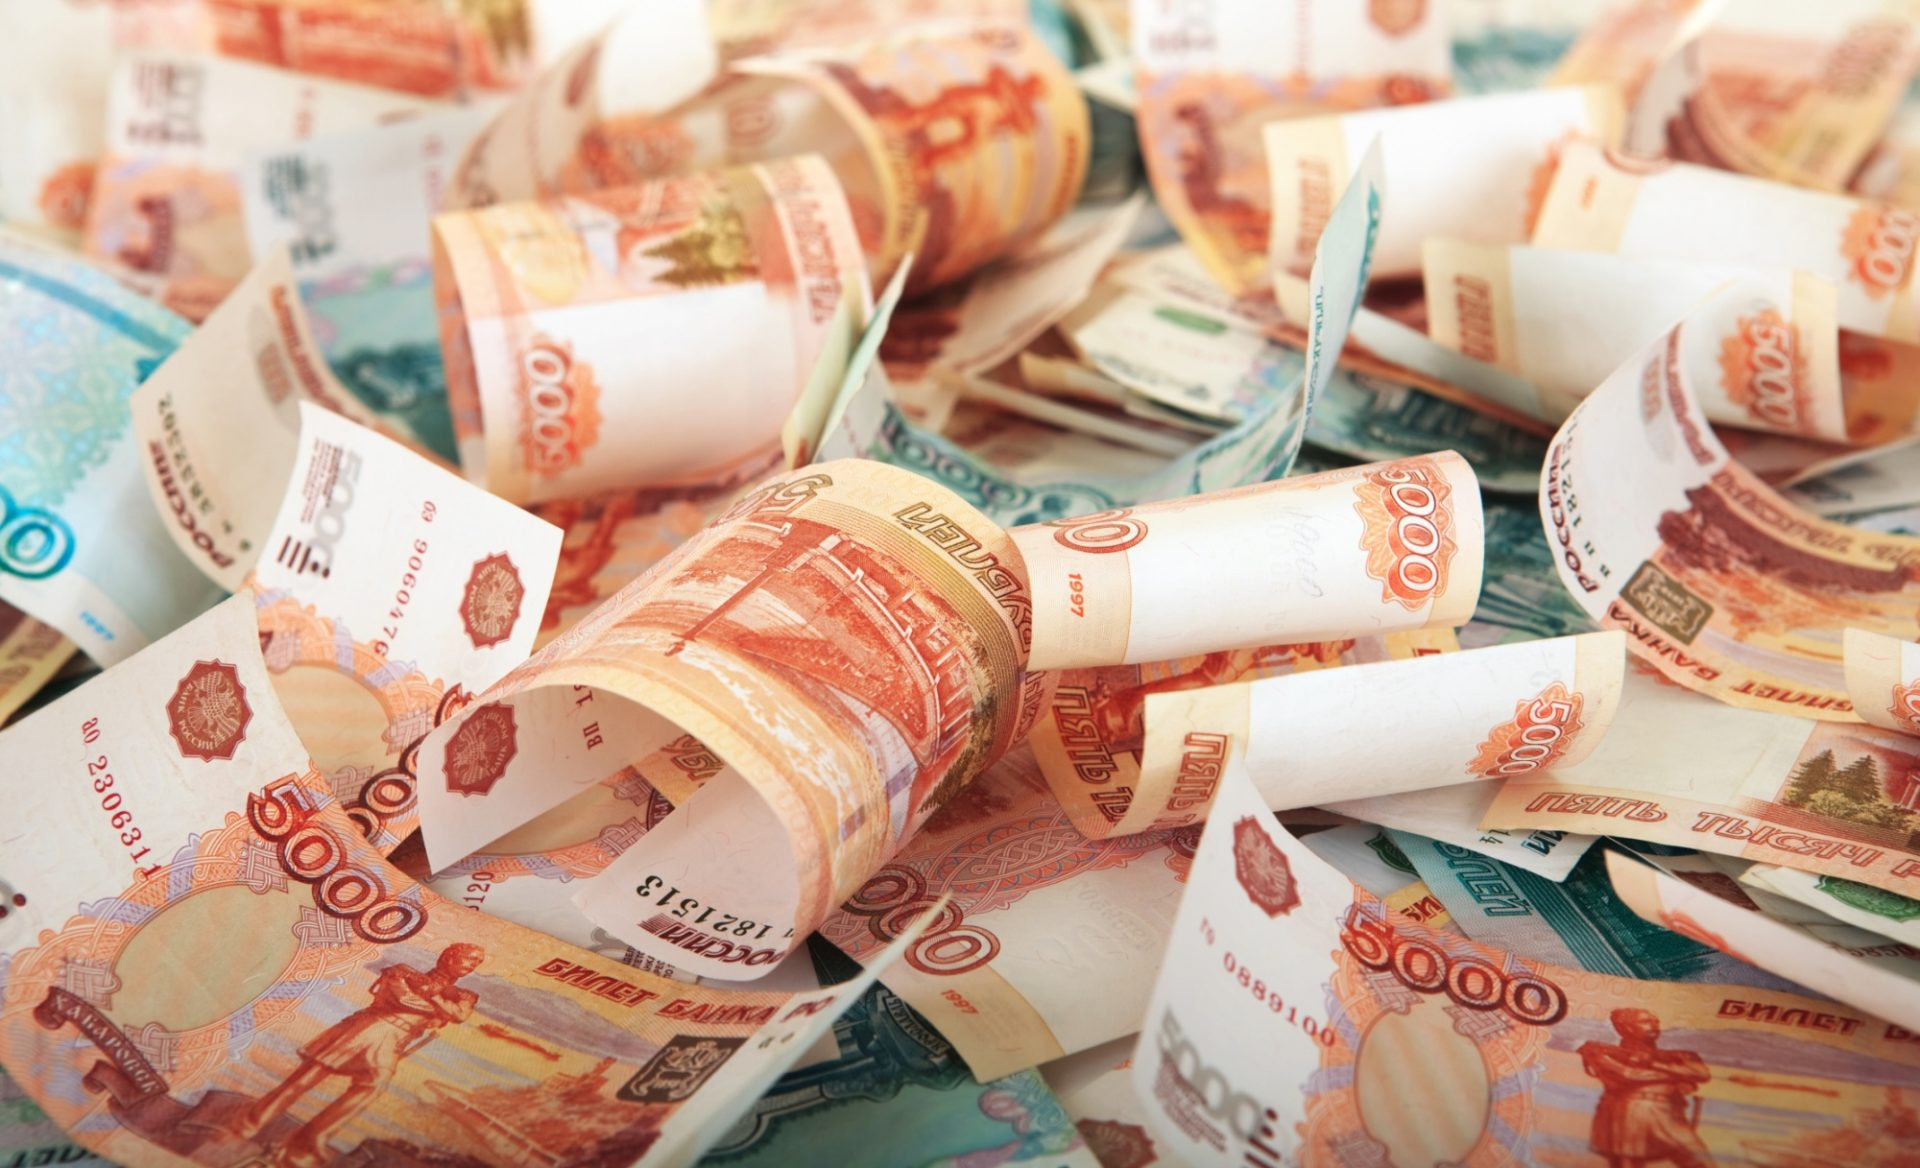 Неудачная инвестиция лишила йошкаролинку 700 тысяч рублей